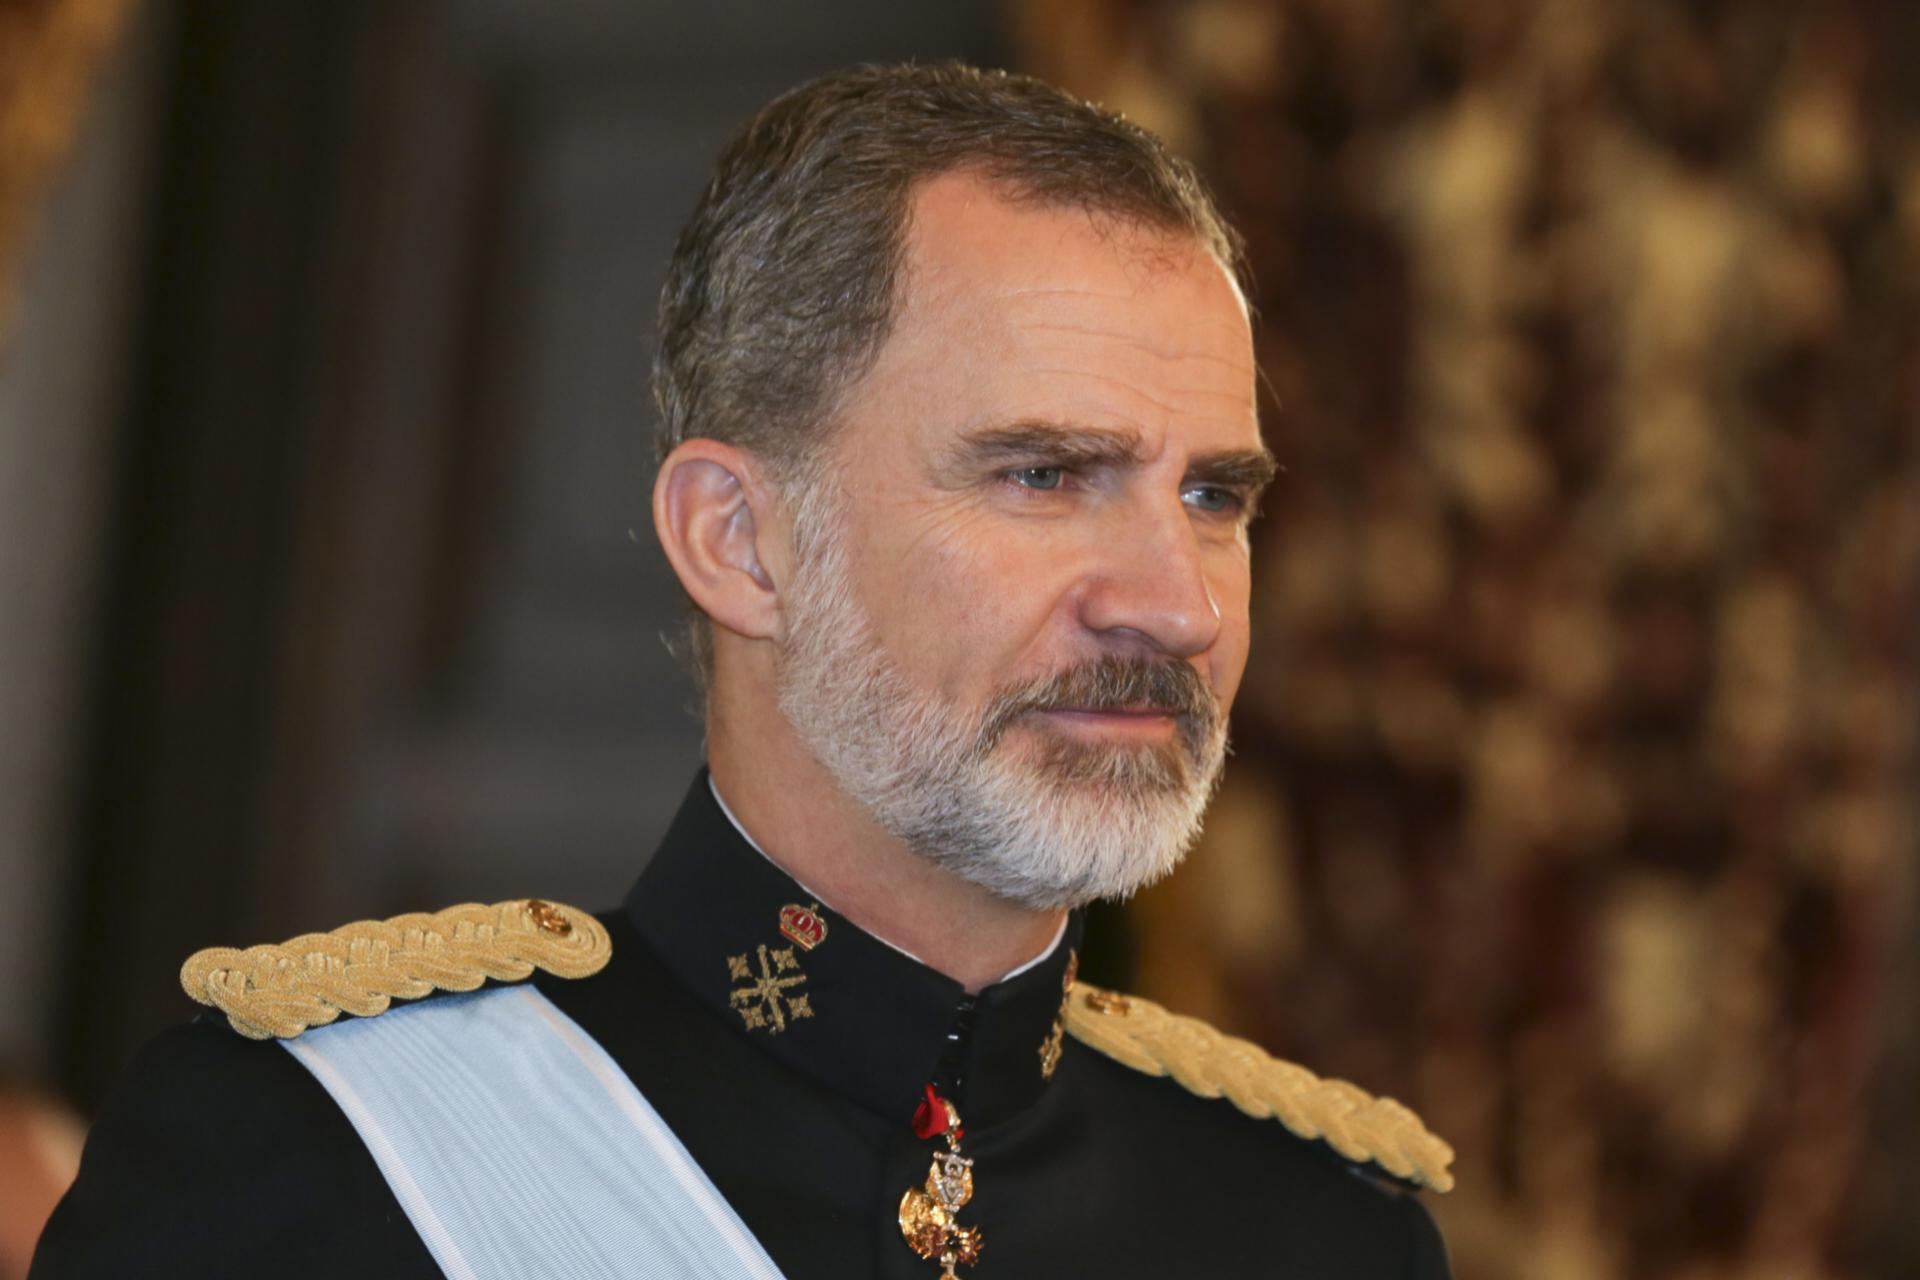 El rey Felipe VI cumple 52 años el 30 de enero.